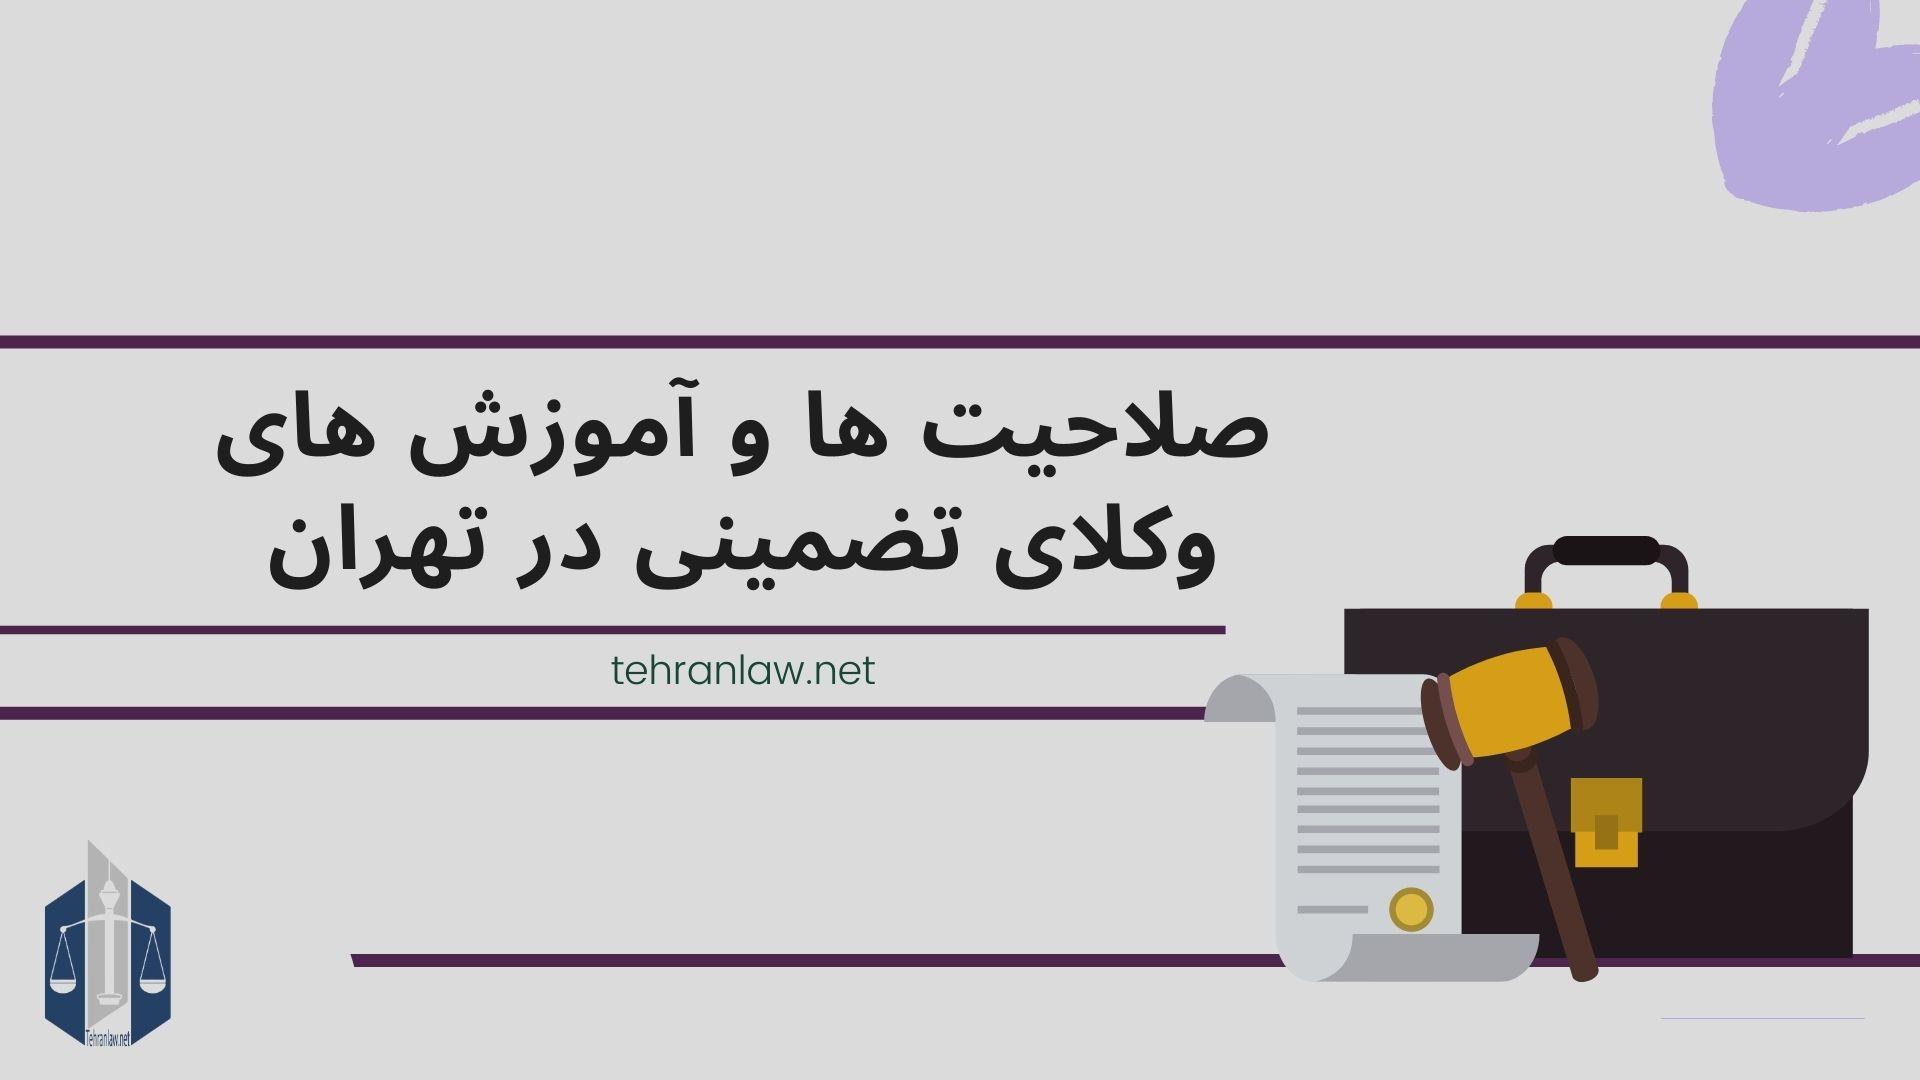 صلاحیت ها و آموزش های وکلای تضمینی در تهران